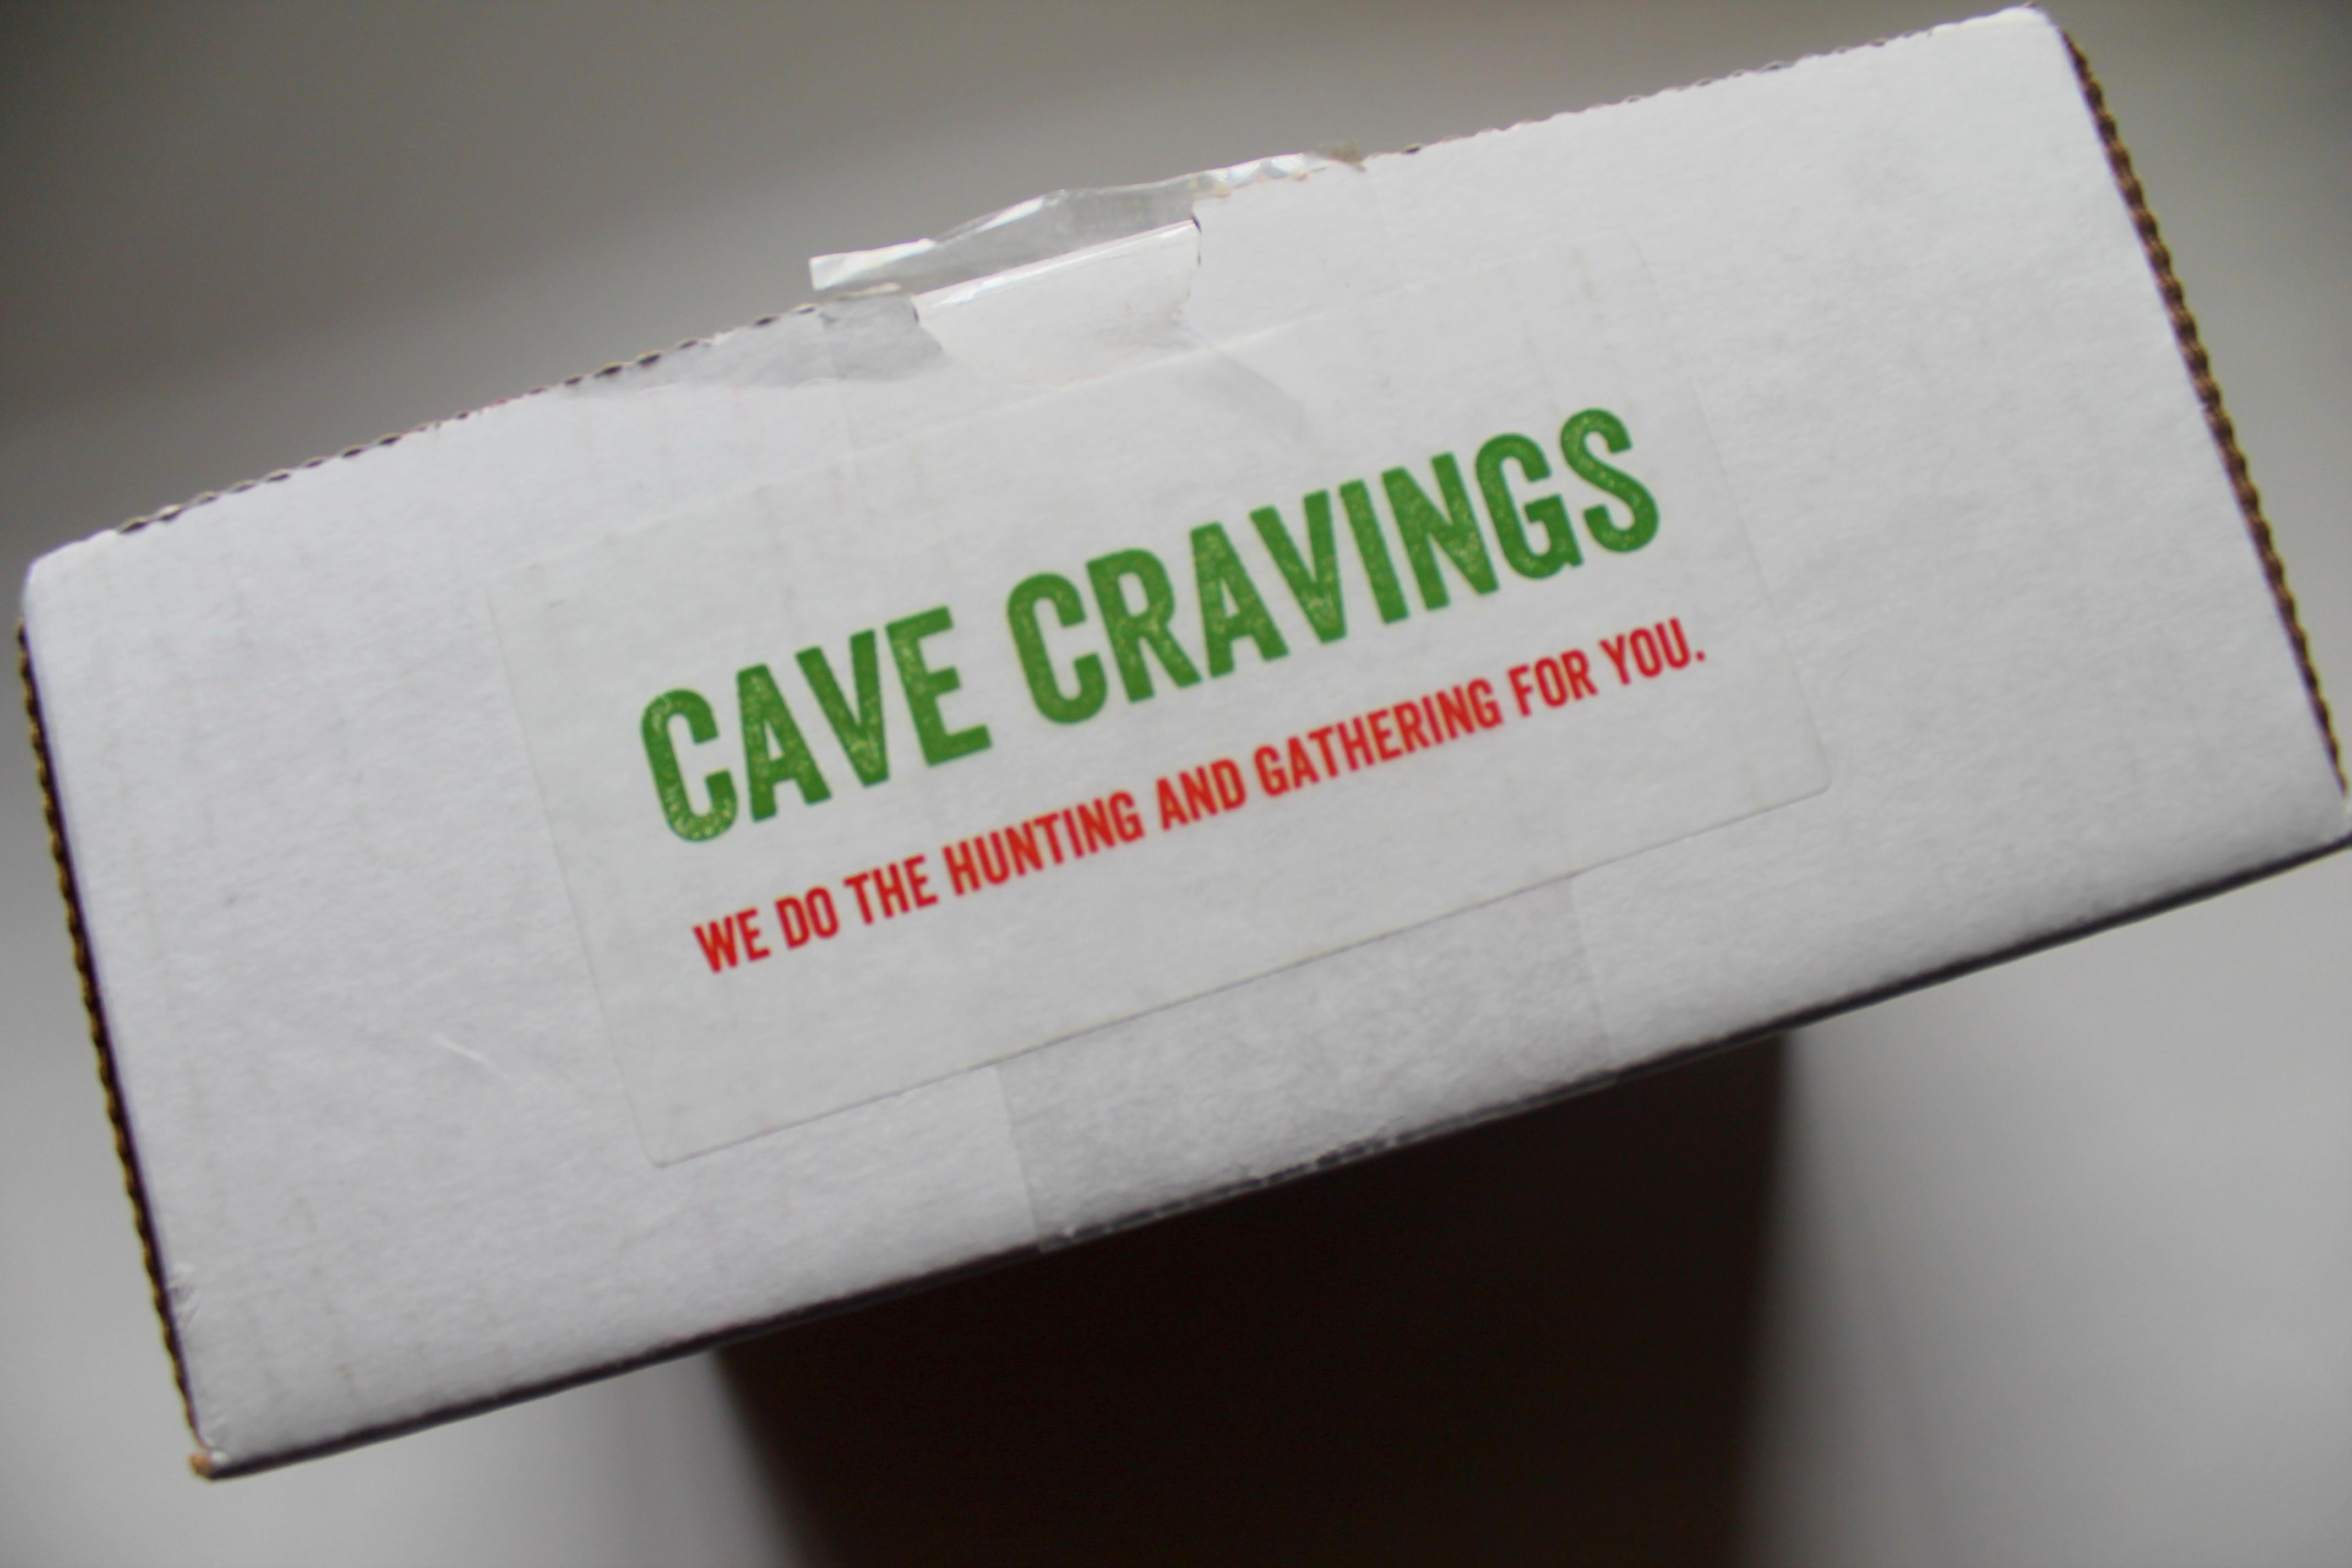 cavecravings